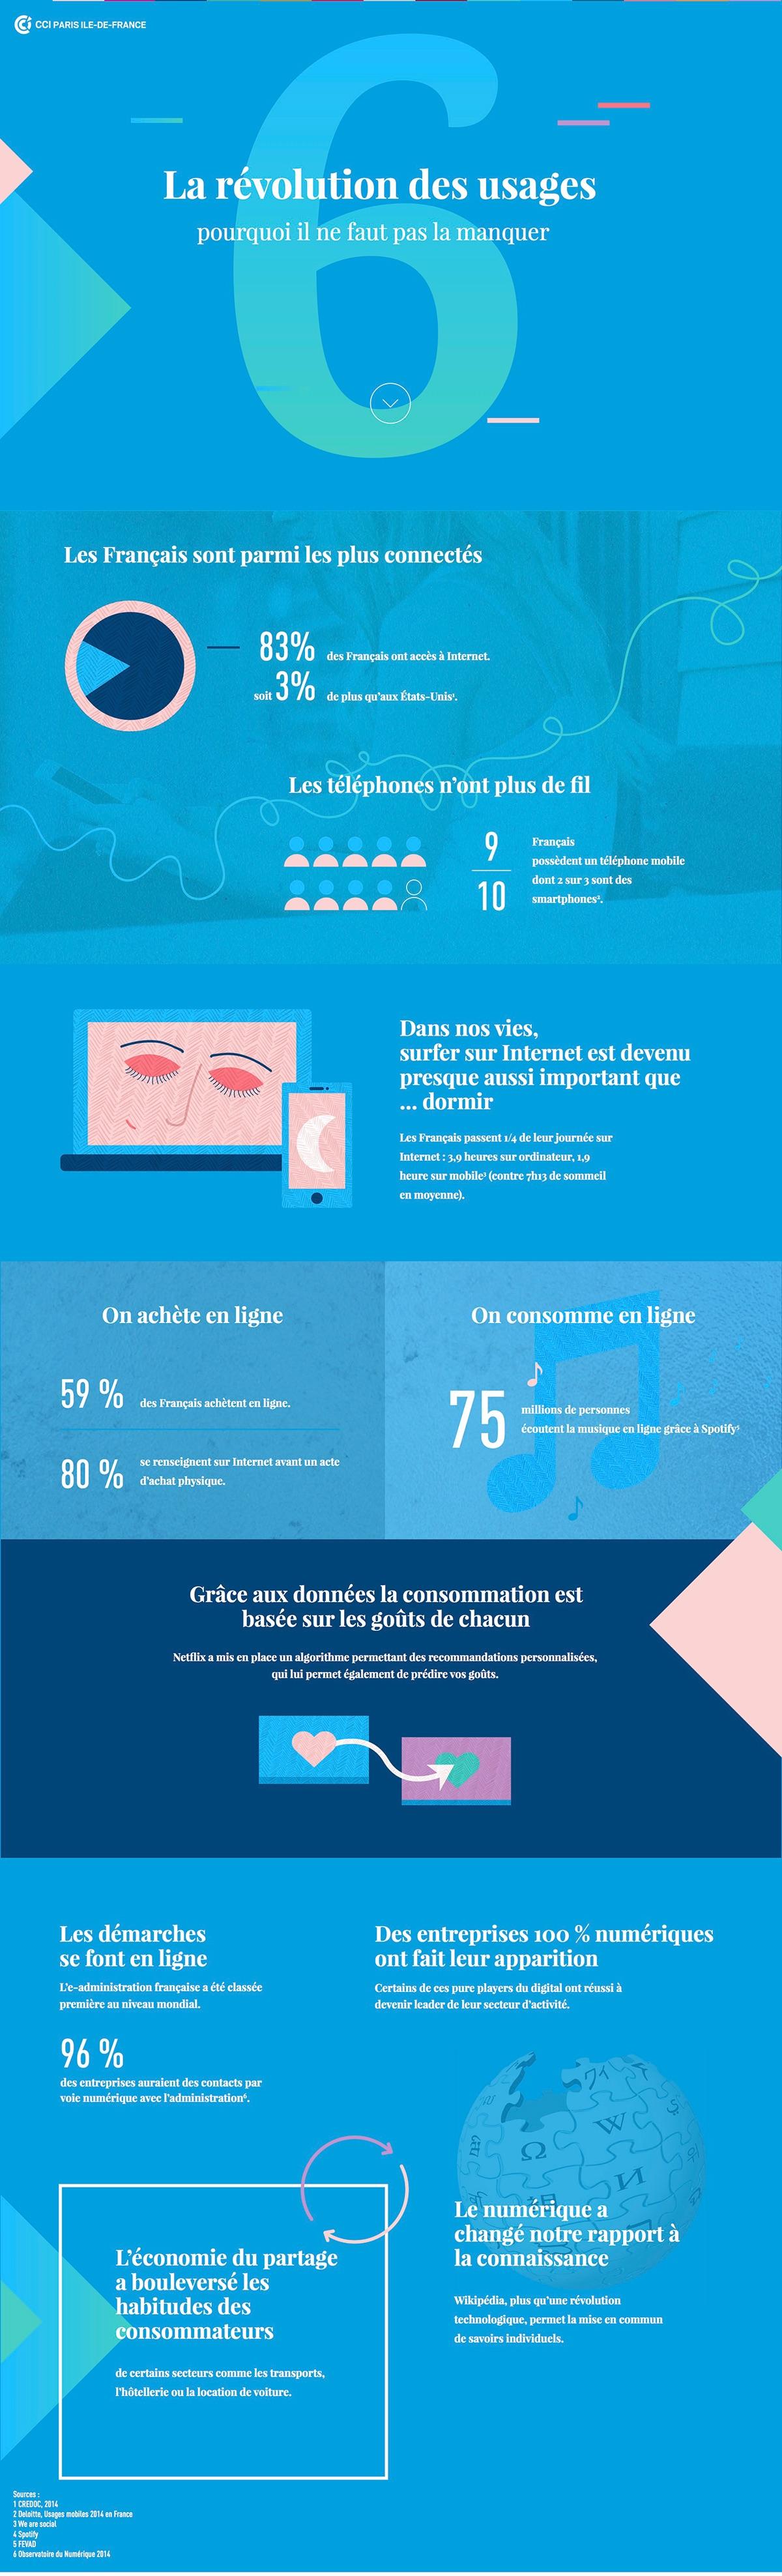 cci longform Digital transformation numérique institution graphic design